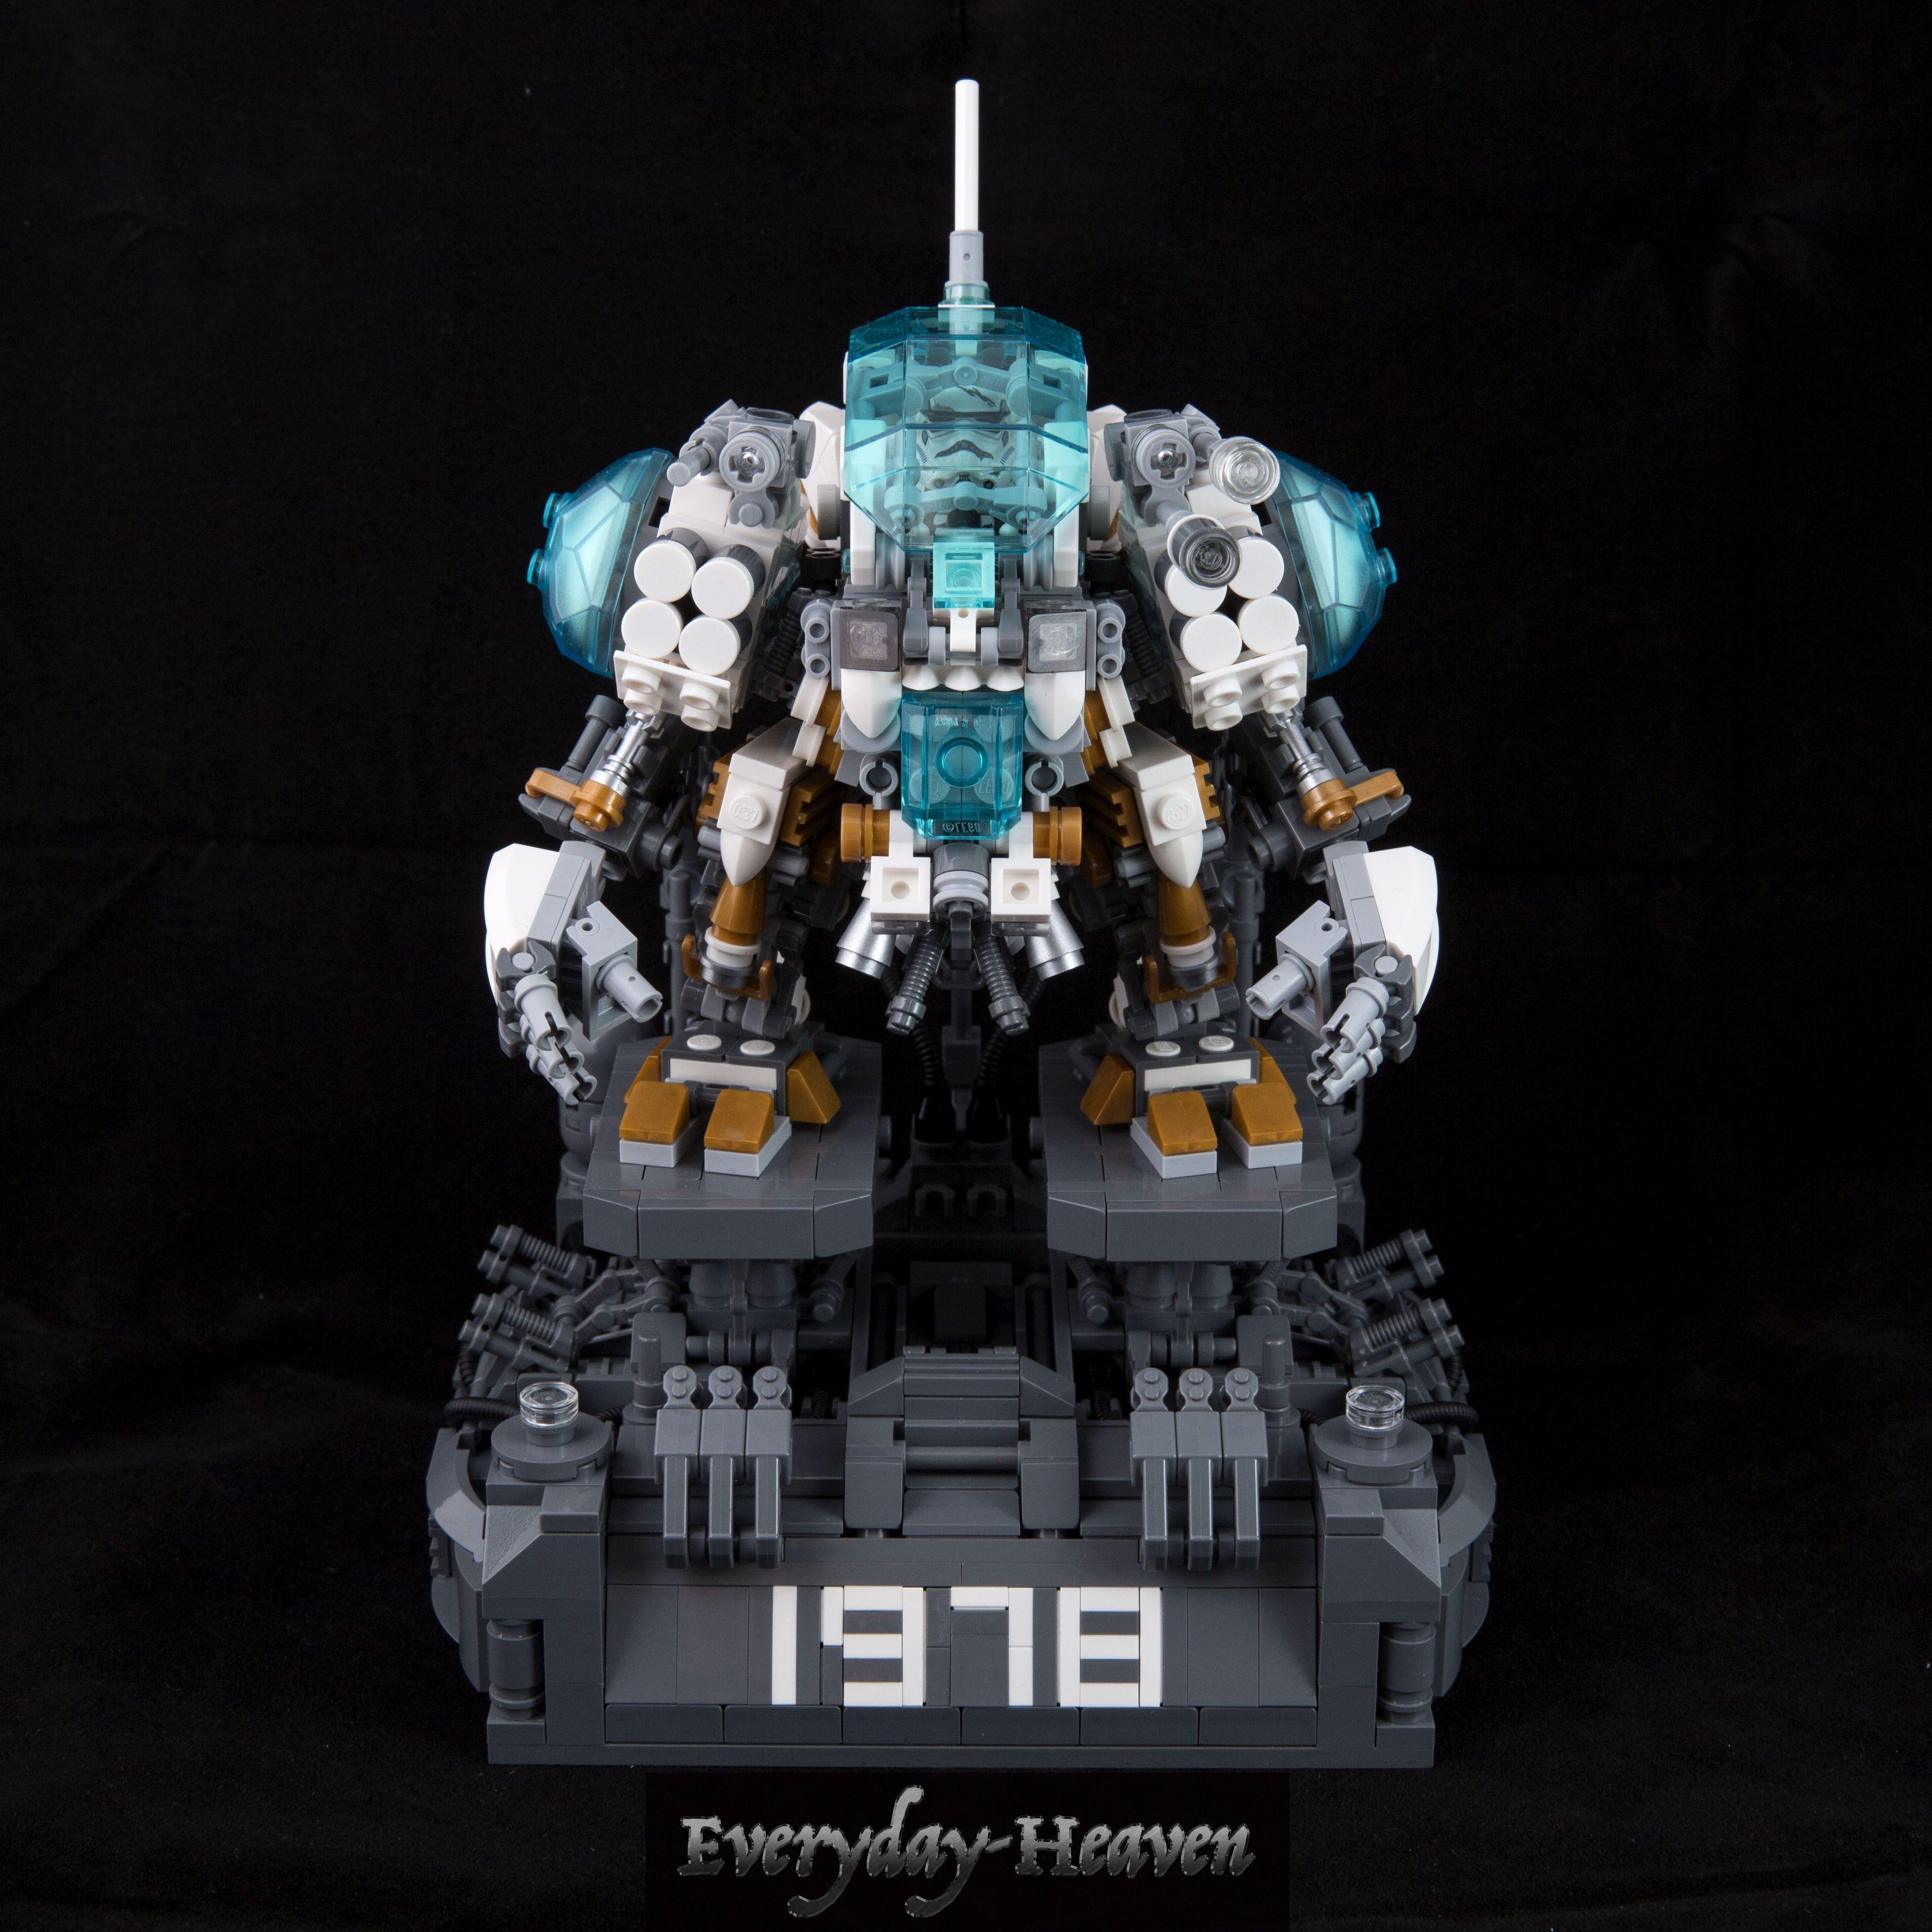 #lego #moc #mechanic #robot #mk3 #레고 #창작 #메카닉 #로봇 #버전3 #이름을 #지어야하는데 #뭐로할지 #아직도 #고민중 #이러다가 #다음버전 #만들기세 #날마다천국 #ㅋ